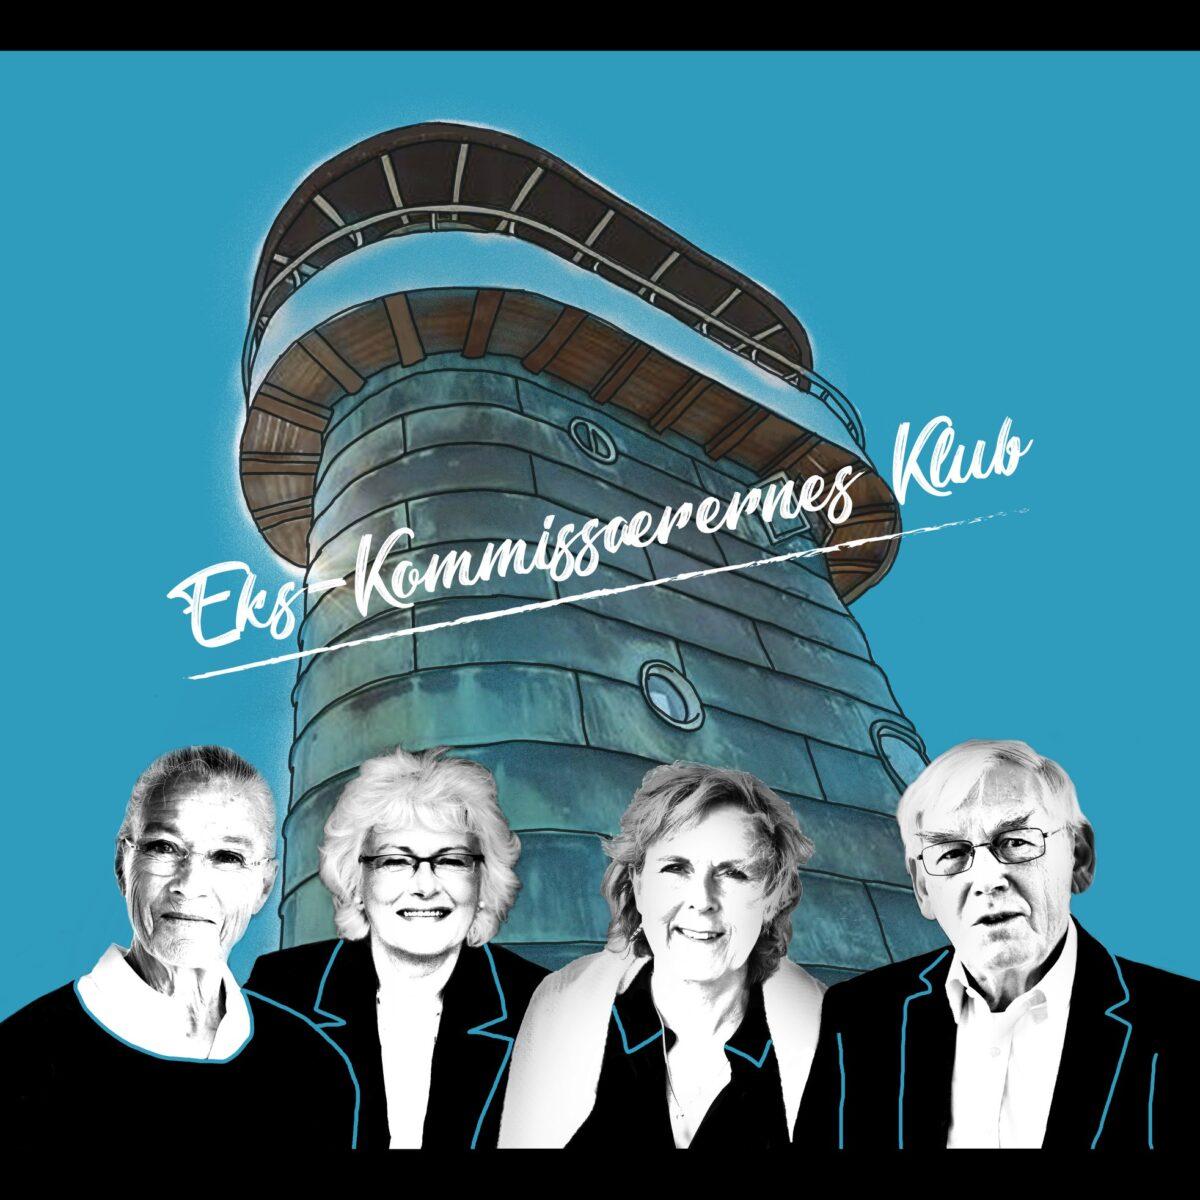 Eks-kommissærernes Klub i Kulturtårnet